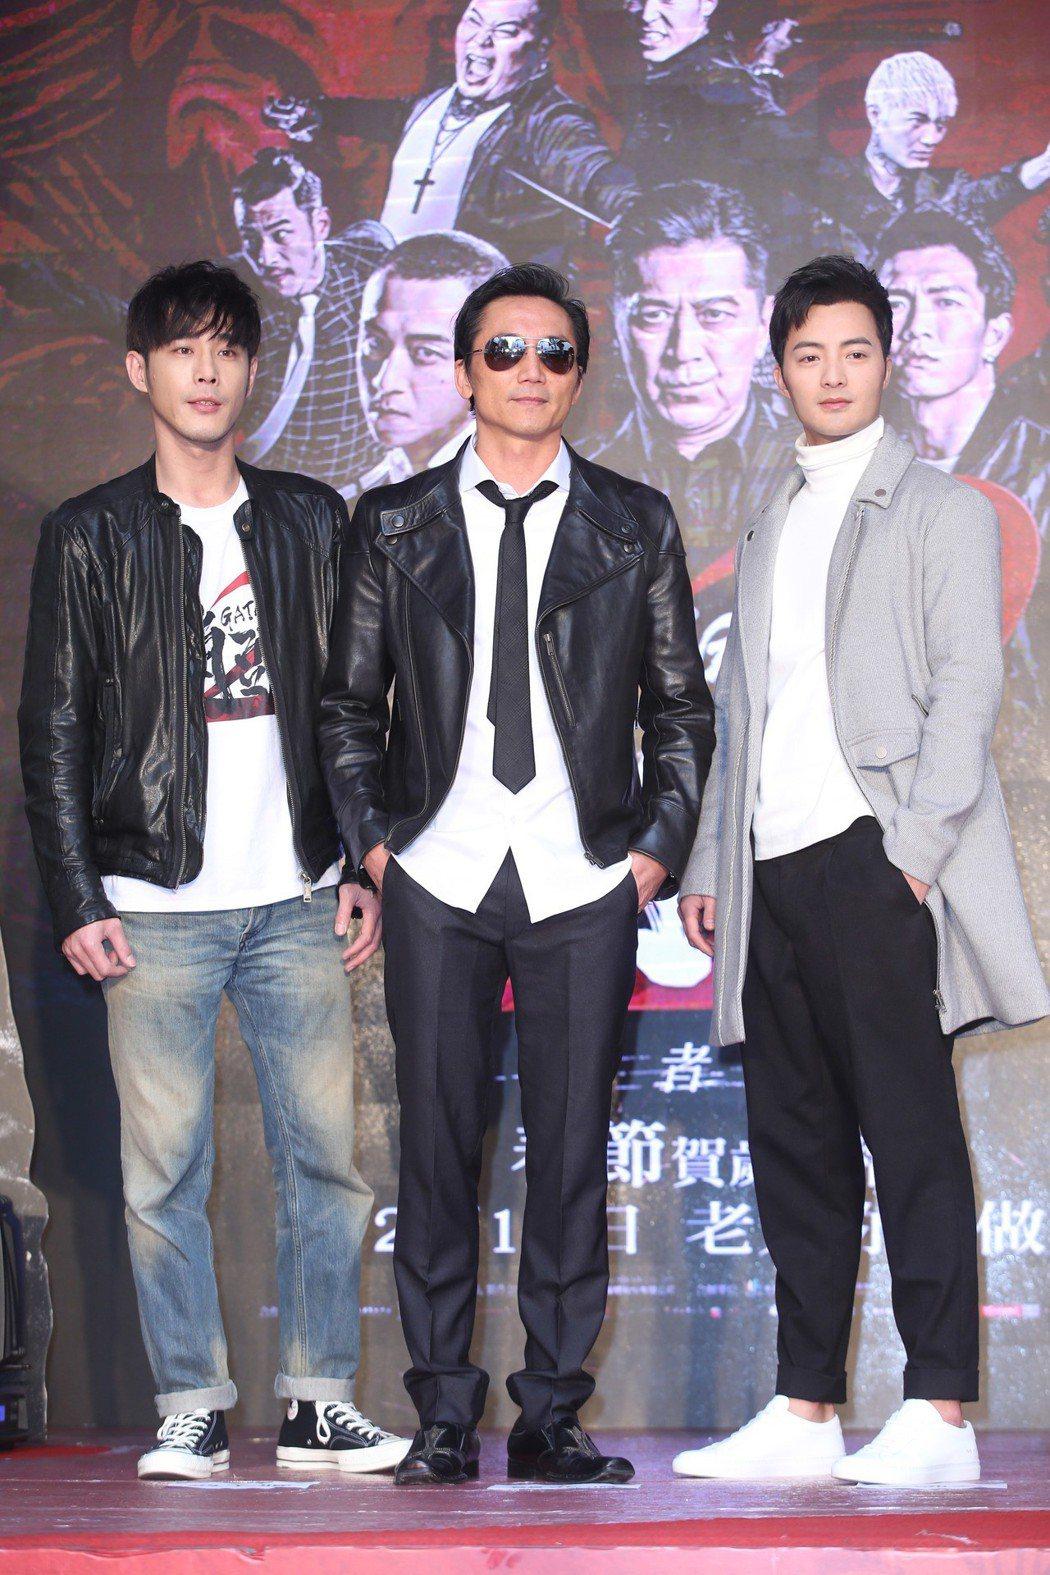 黃騰浩(左起)、鄒兆龍、古斌出席電影「角頭2」舉辦見面會。記者陳瑞源/攝影